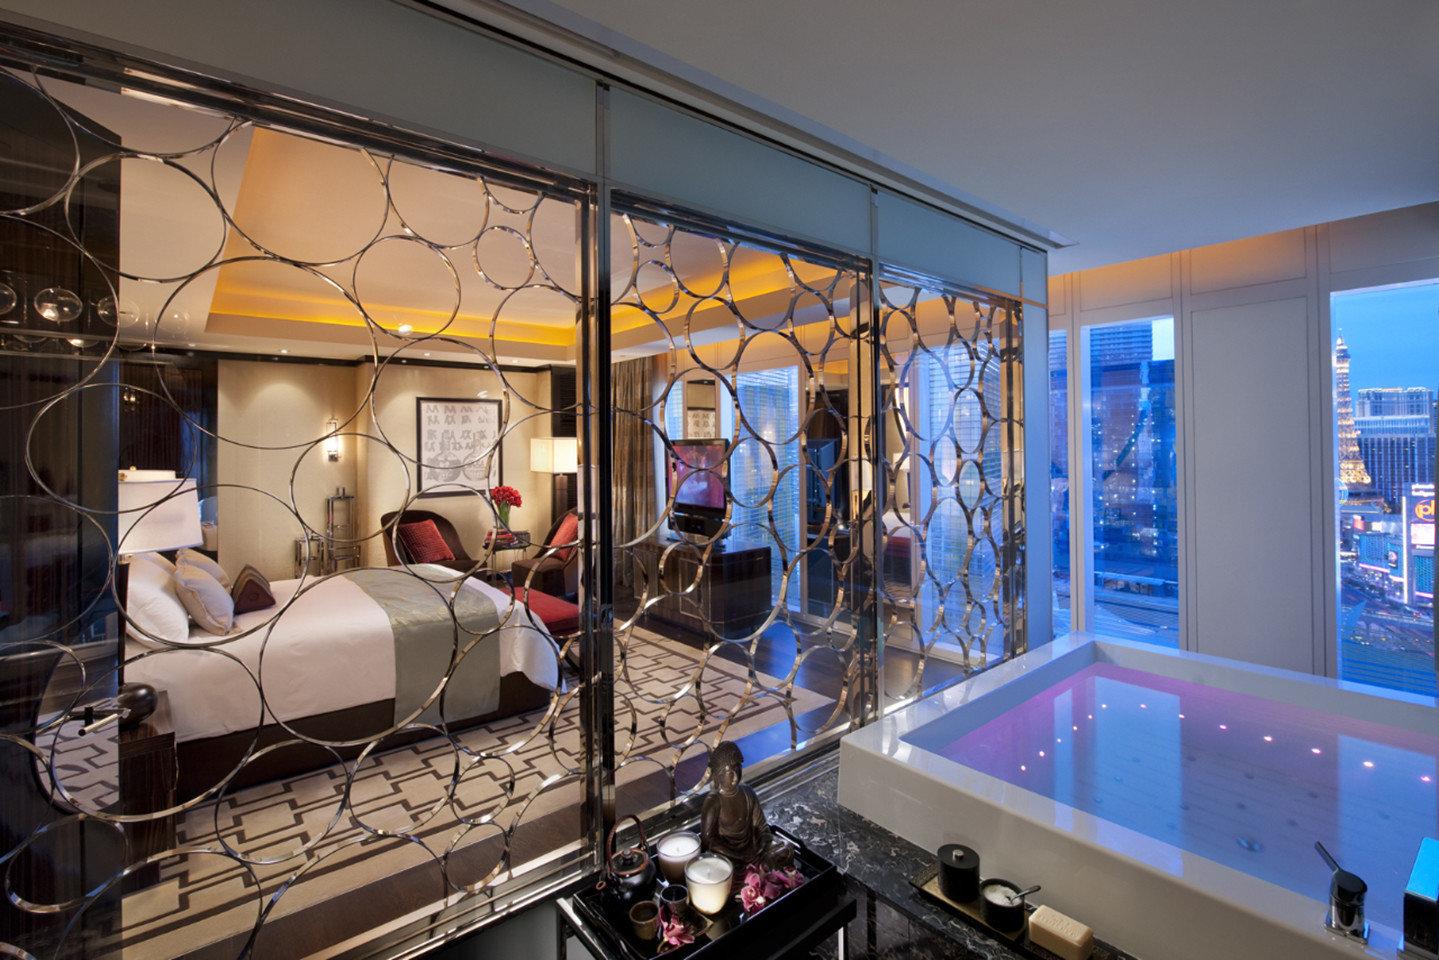 Hotels Luxury Travel indoor interior design window real estate apartment